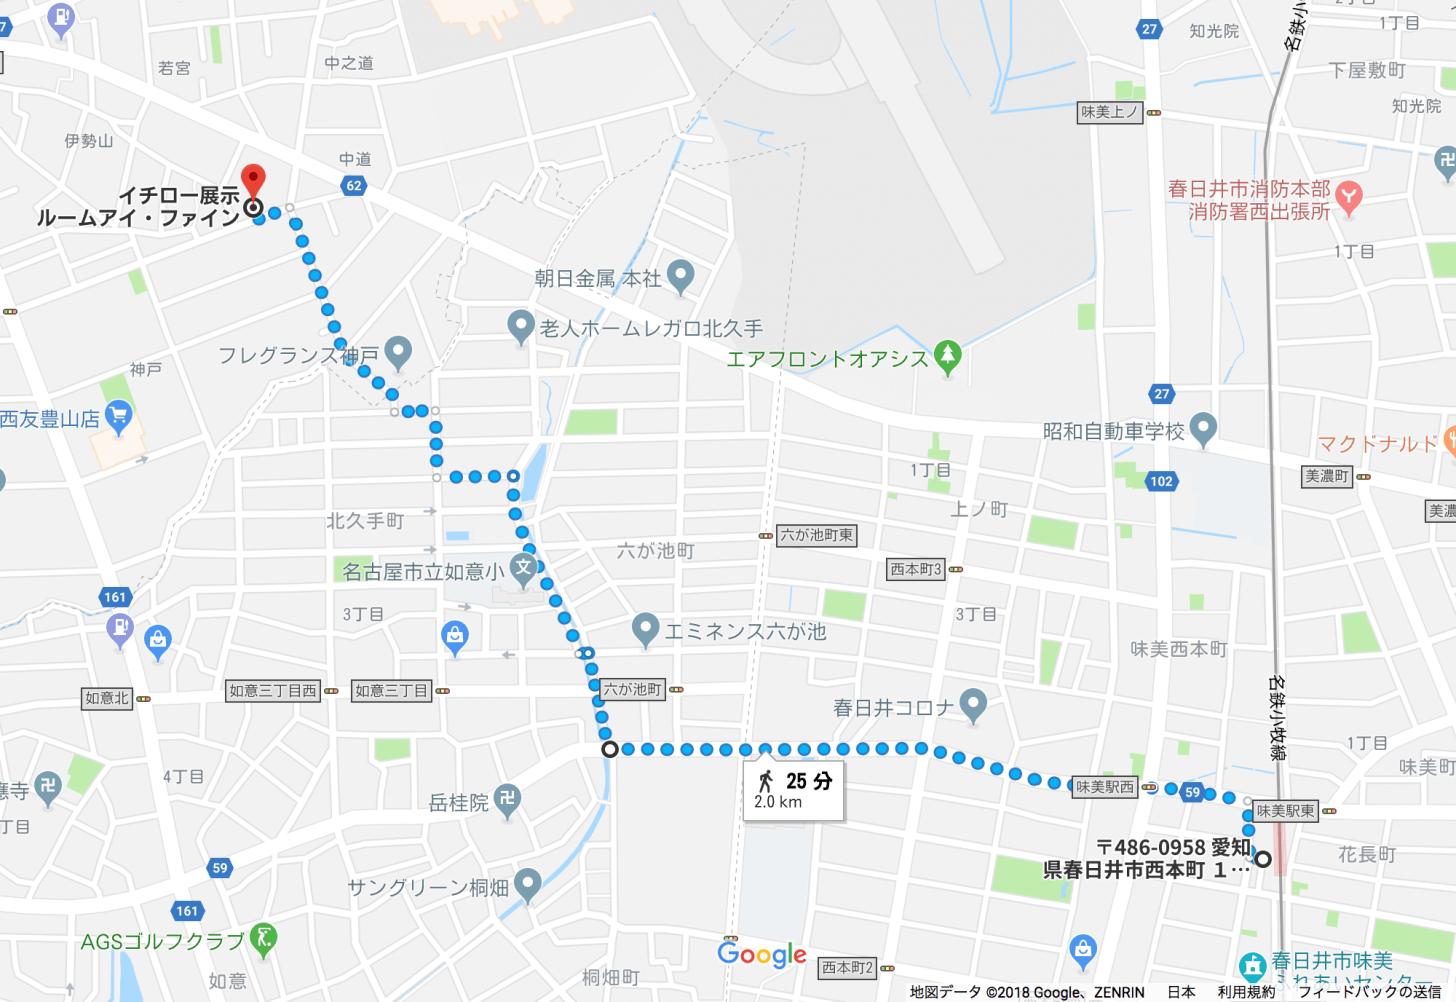 味美駅からイチロー記念館までのルート